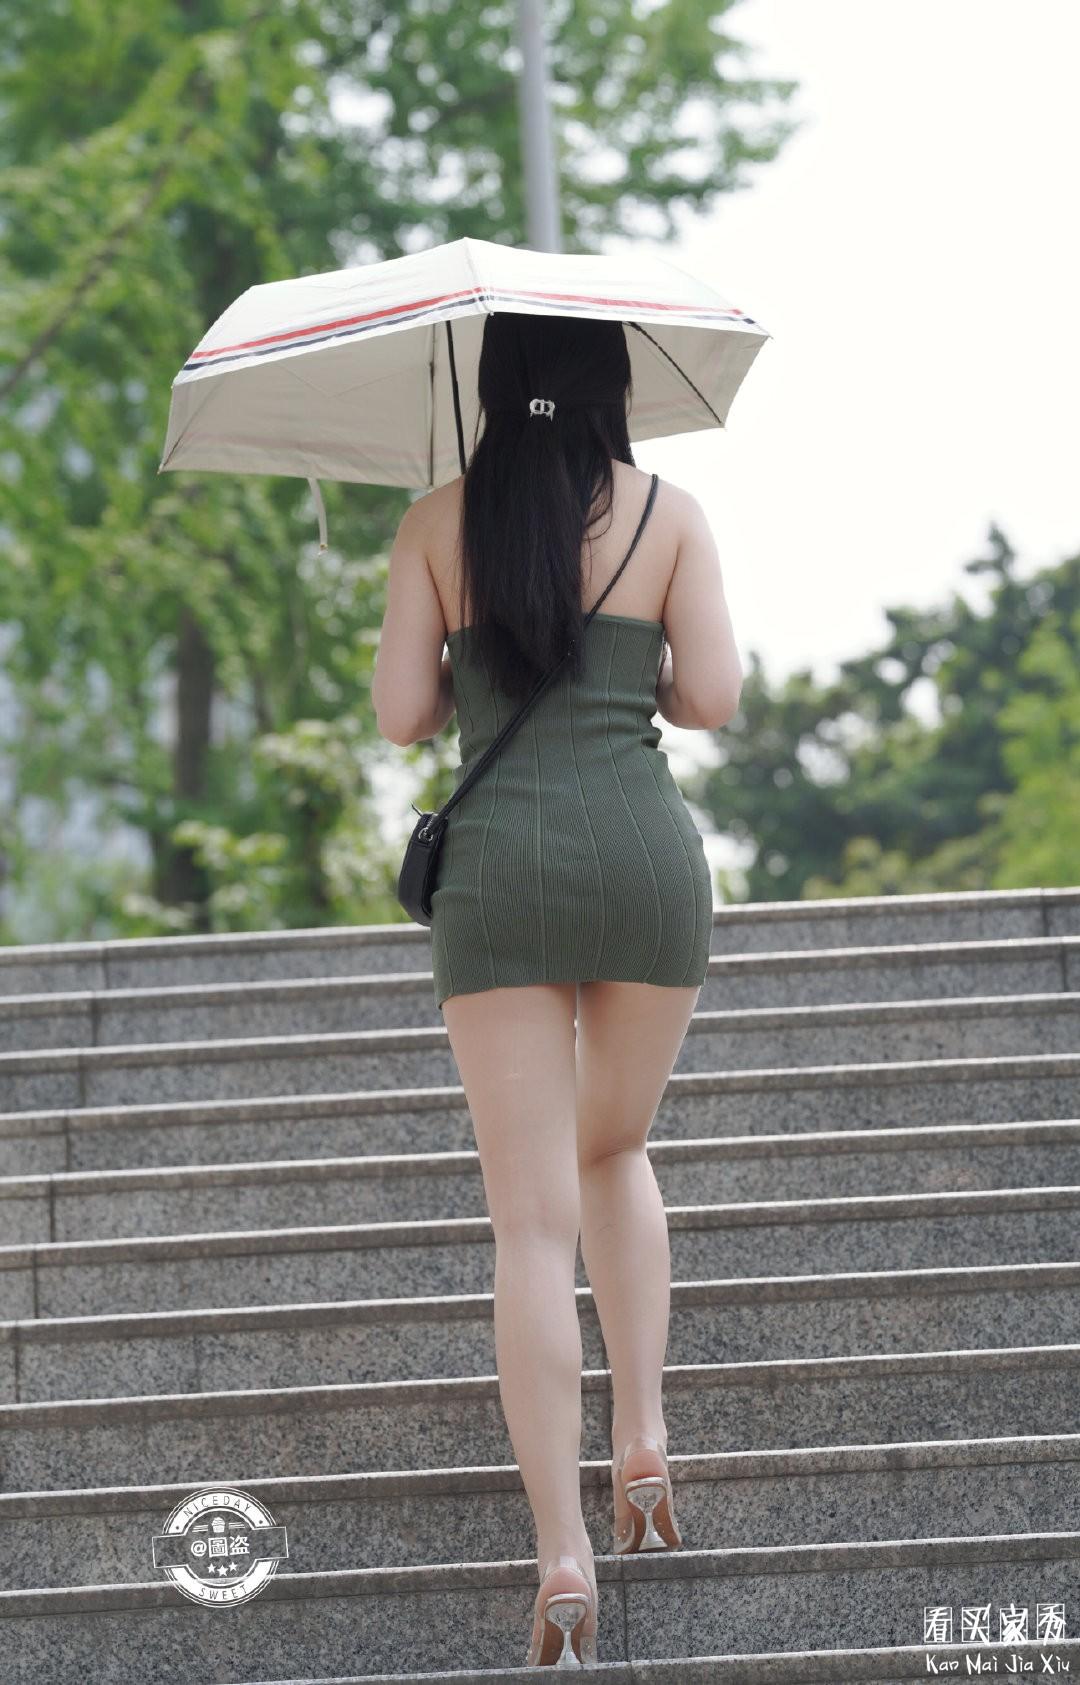 [街拍美女]包臀裙配肉丝袜,有种说不出的感觉7